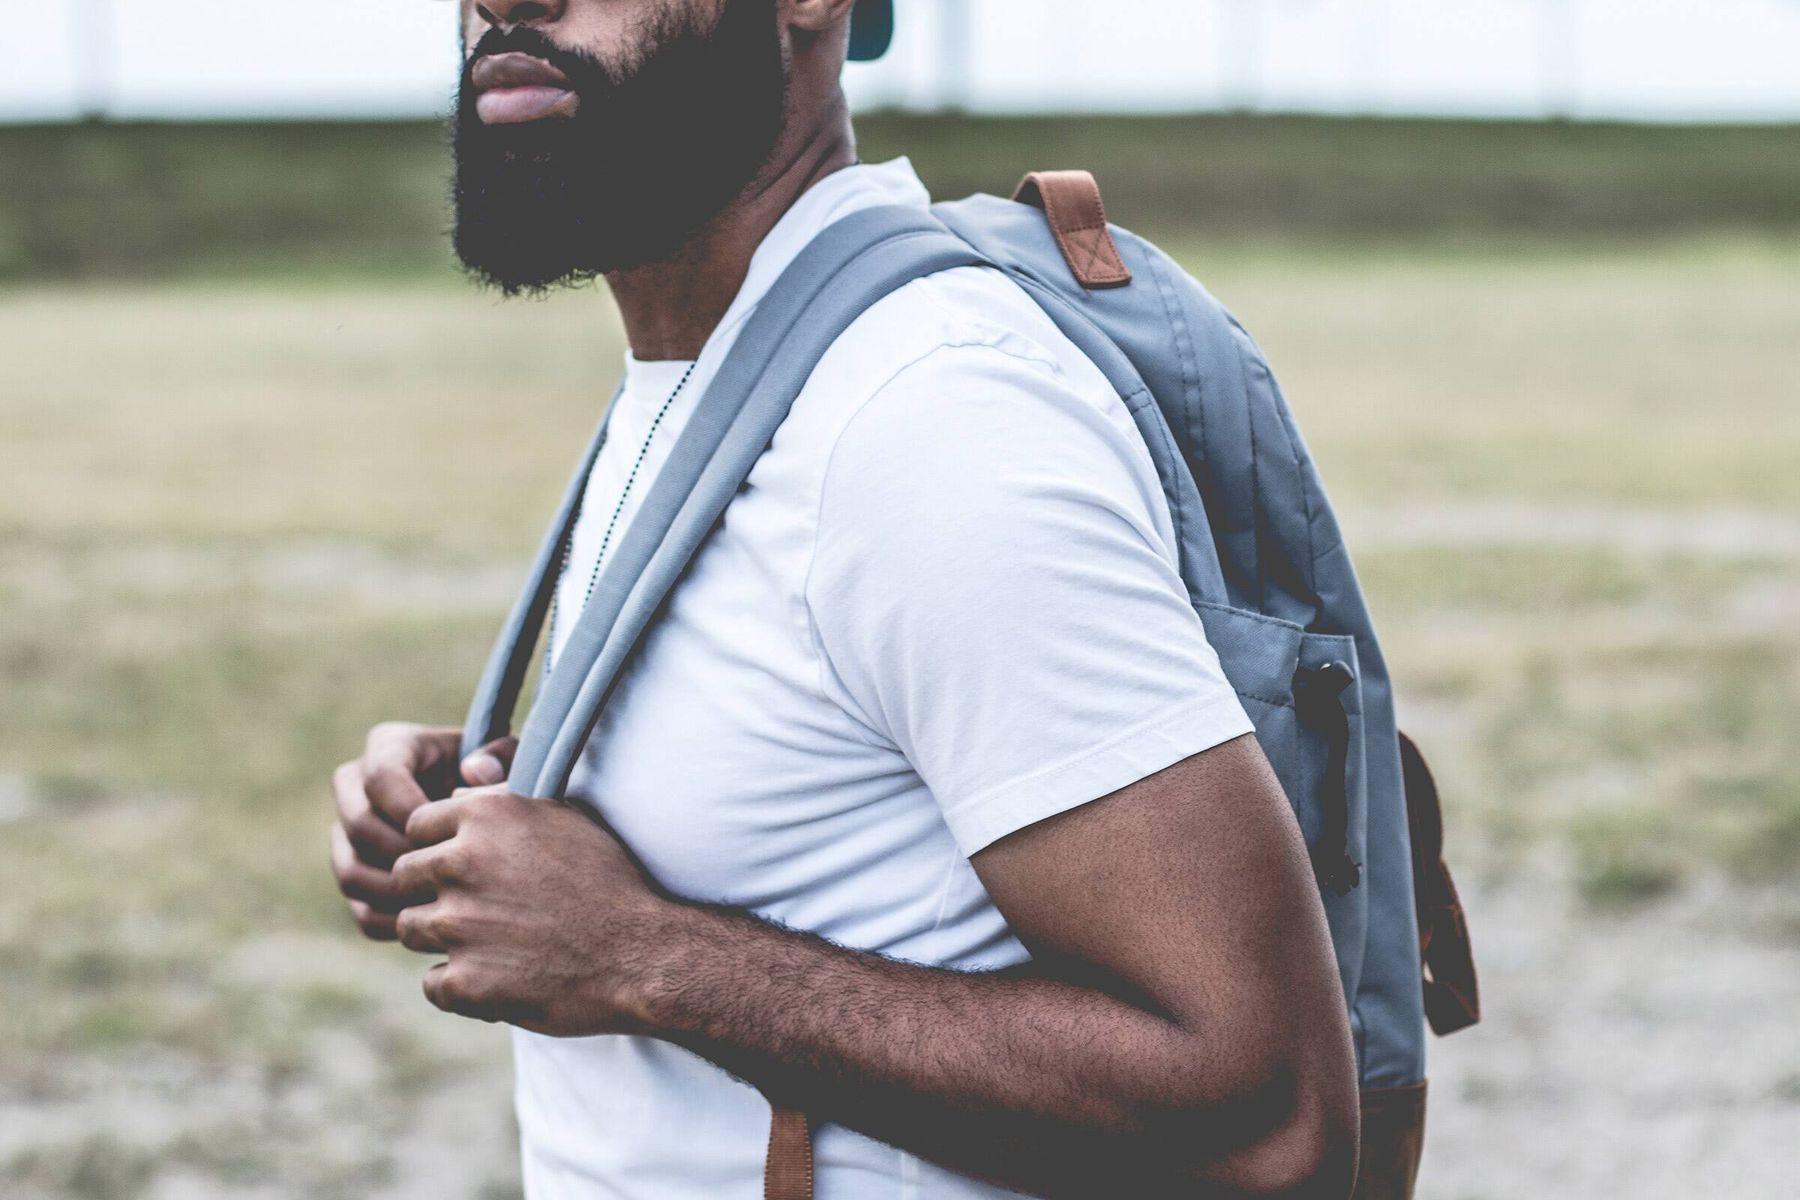 5 Cách bảo quản áo trắng không bị mốc đen và luôn thơm ngát suốt ngày dài